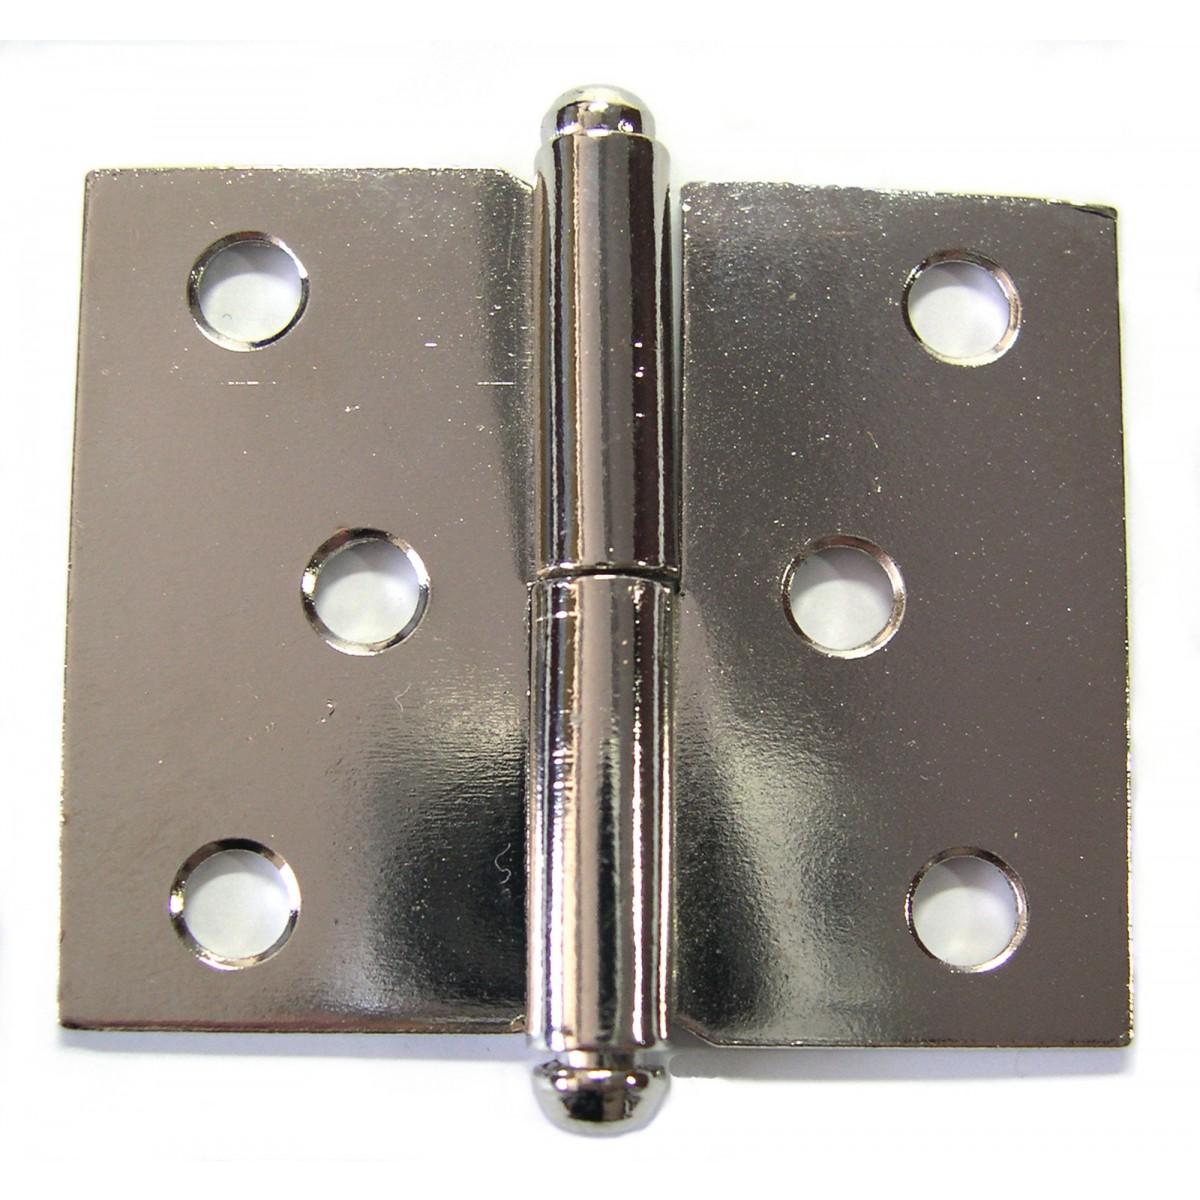 Paumelle de meuble acier nickelé PVM - Gauche - Hauteur 30 mm - Largeur 40 mm - Vendu par 2